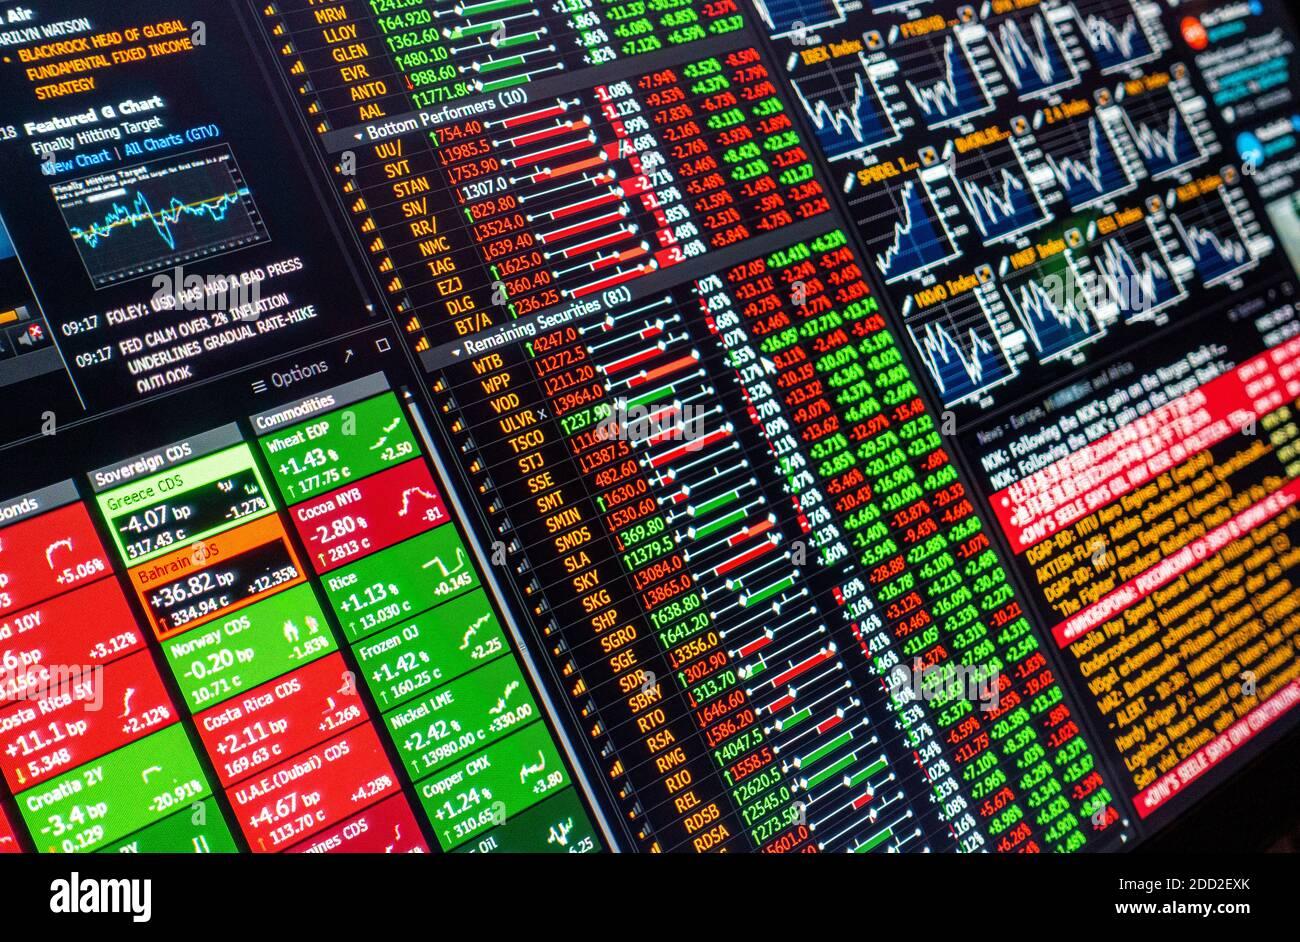 Primo piano dello schermo del computer che mostra i dati finanziari della borsa Mercati azioni merci credito default swap CDS borsa notizie Foto Stock